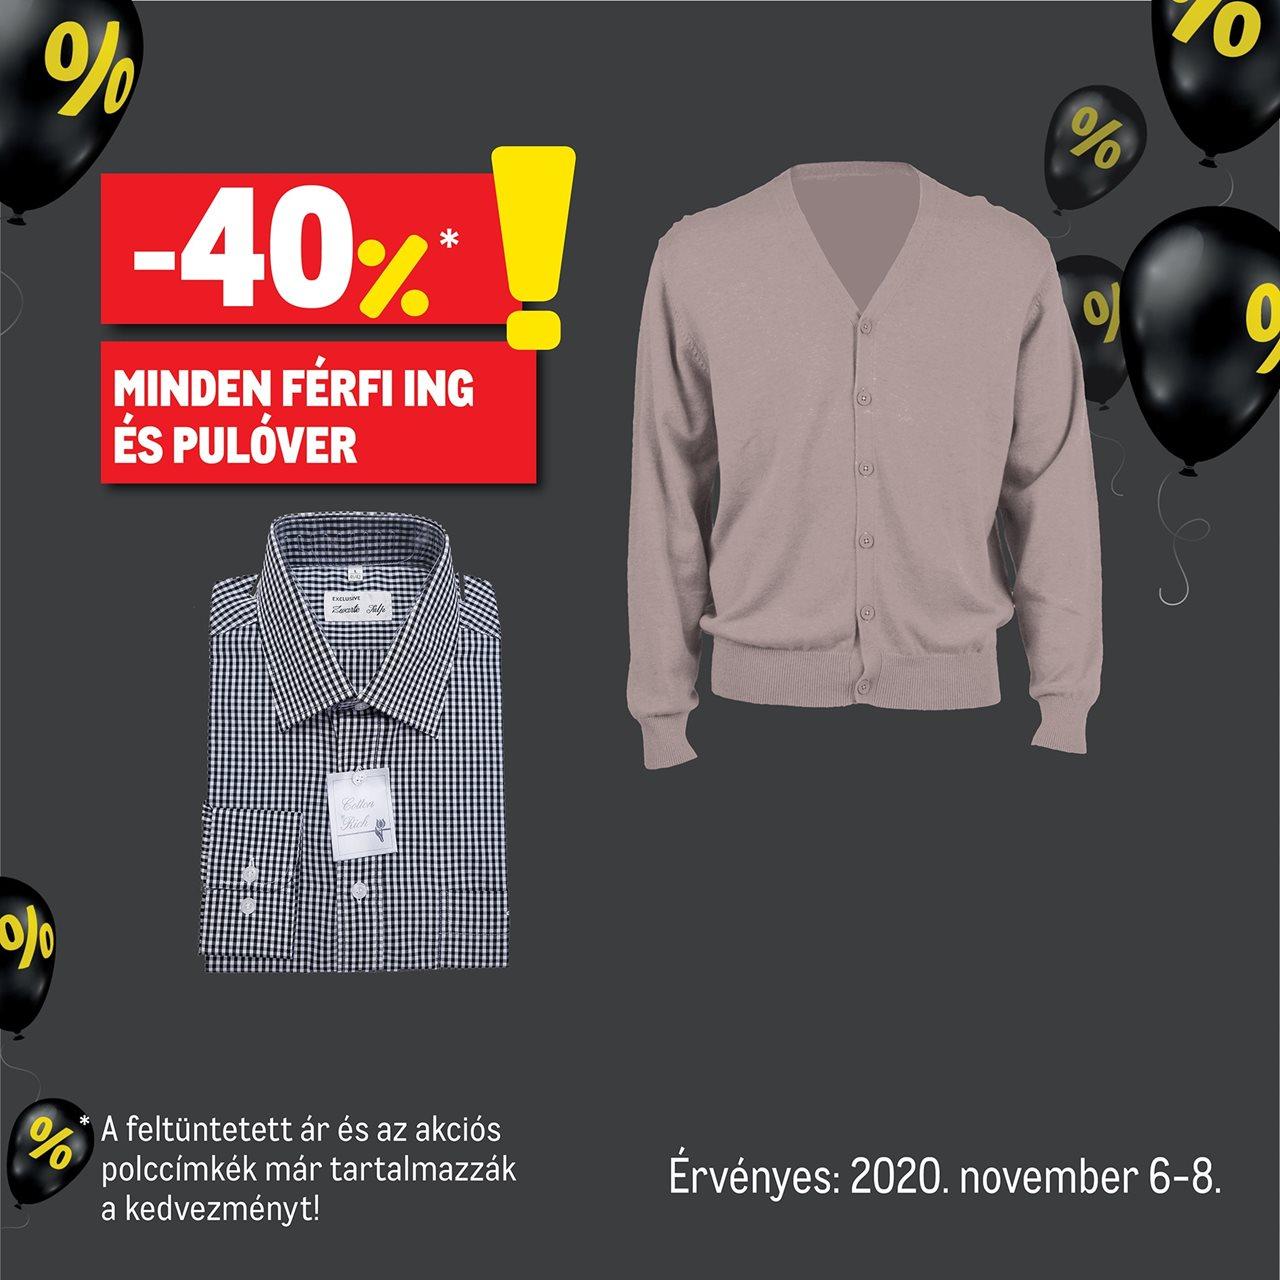 Minden férfi ing és pulóver -40 % kedvezménnyel kapható!